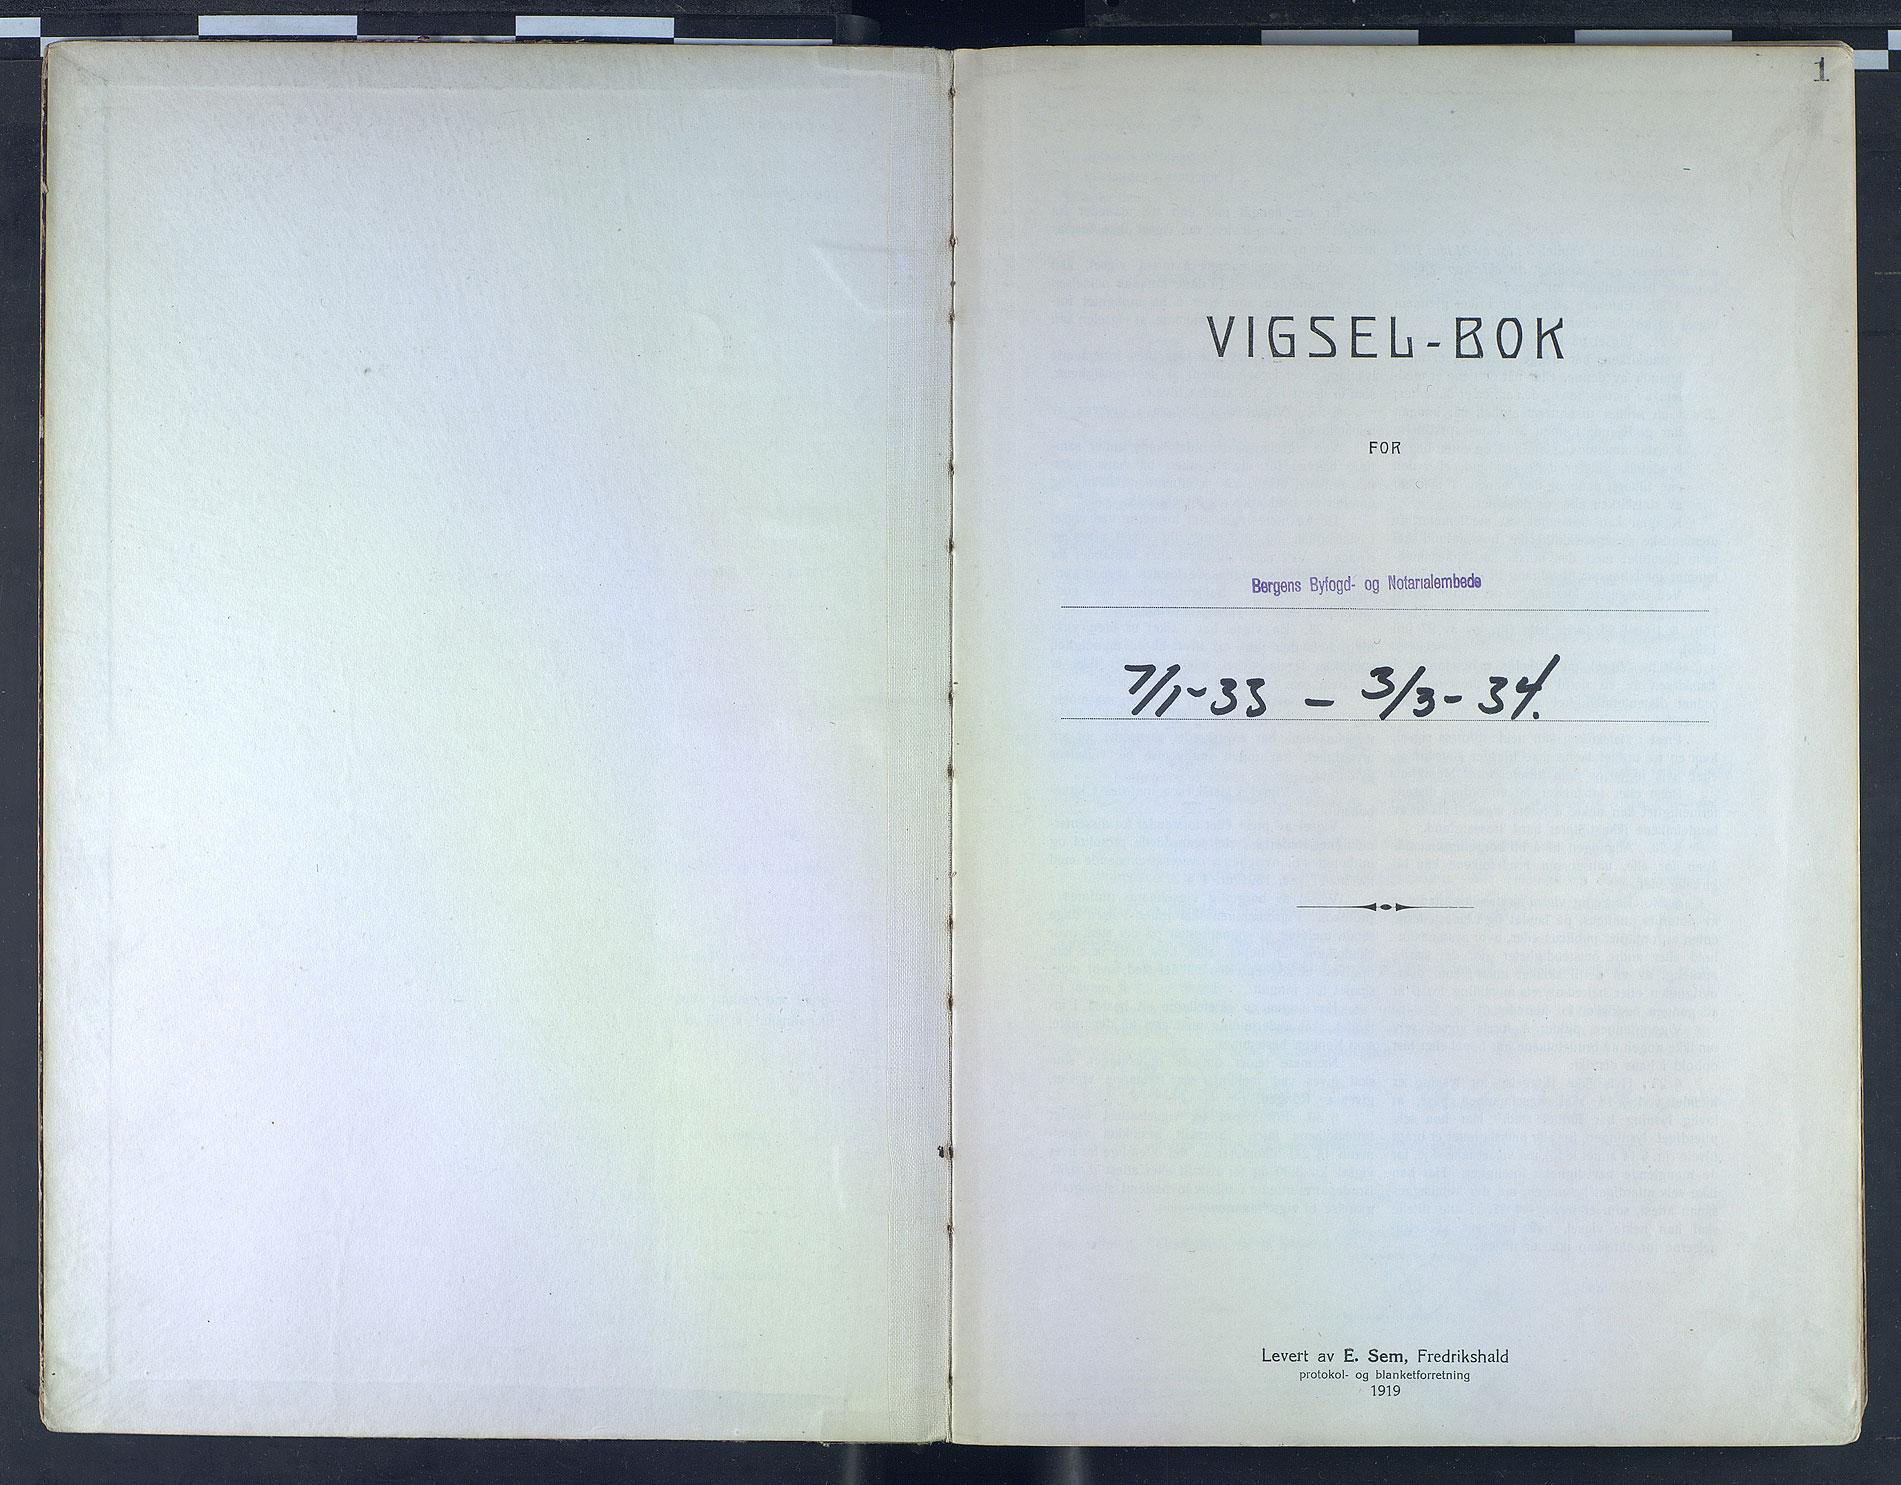 SAB, Bergen byfogd og byskriver*, 1933-1934, s. 1